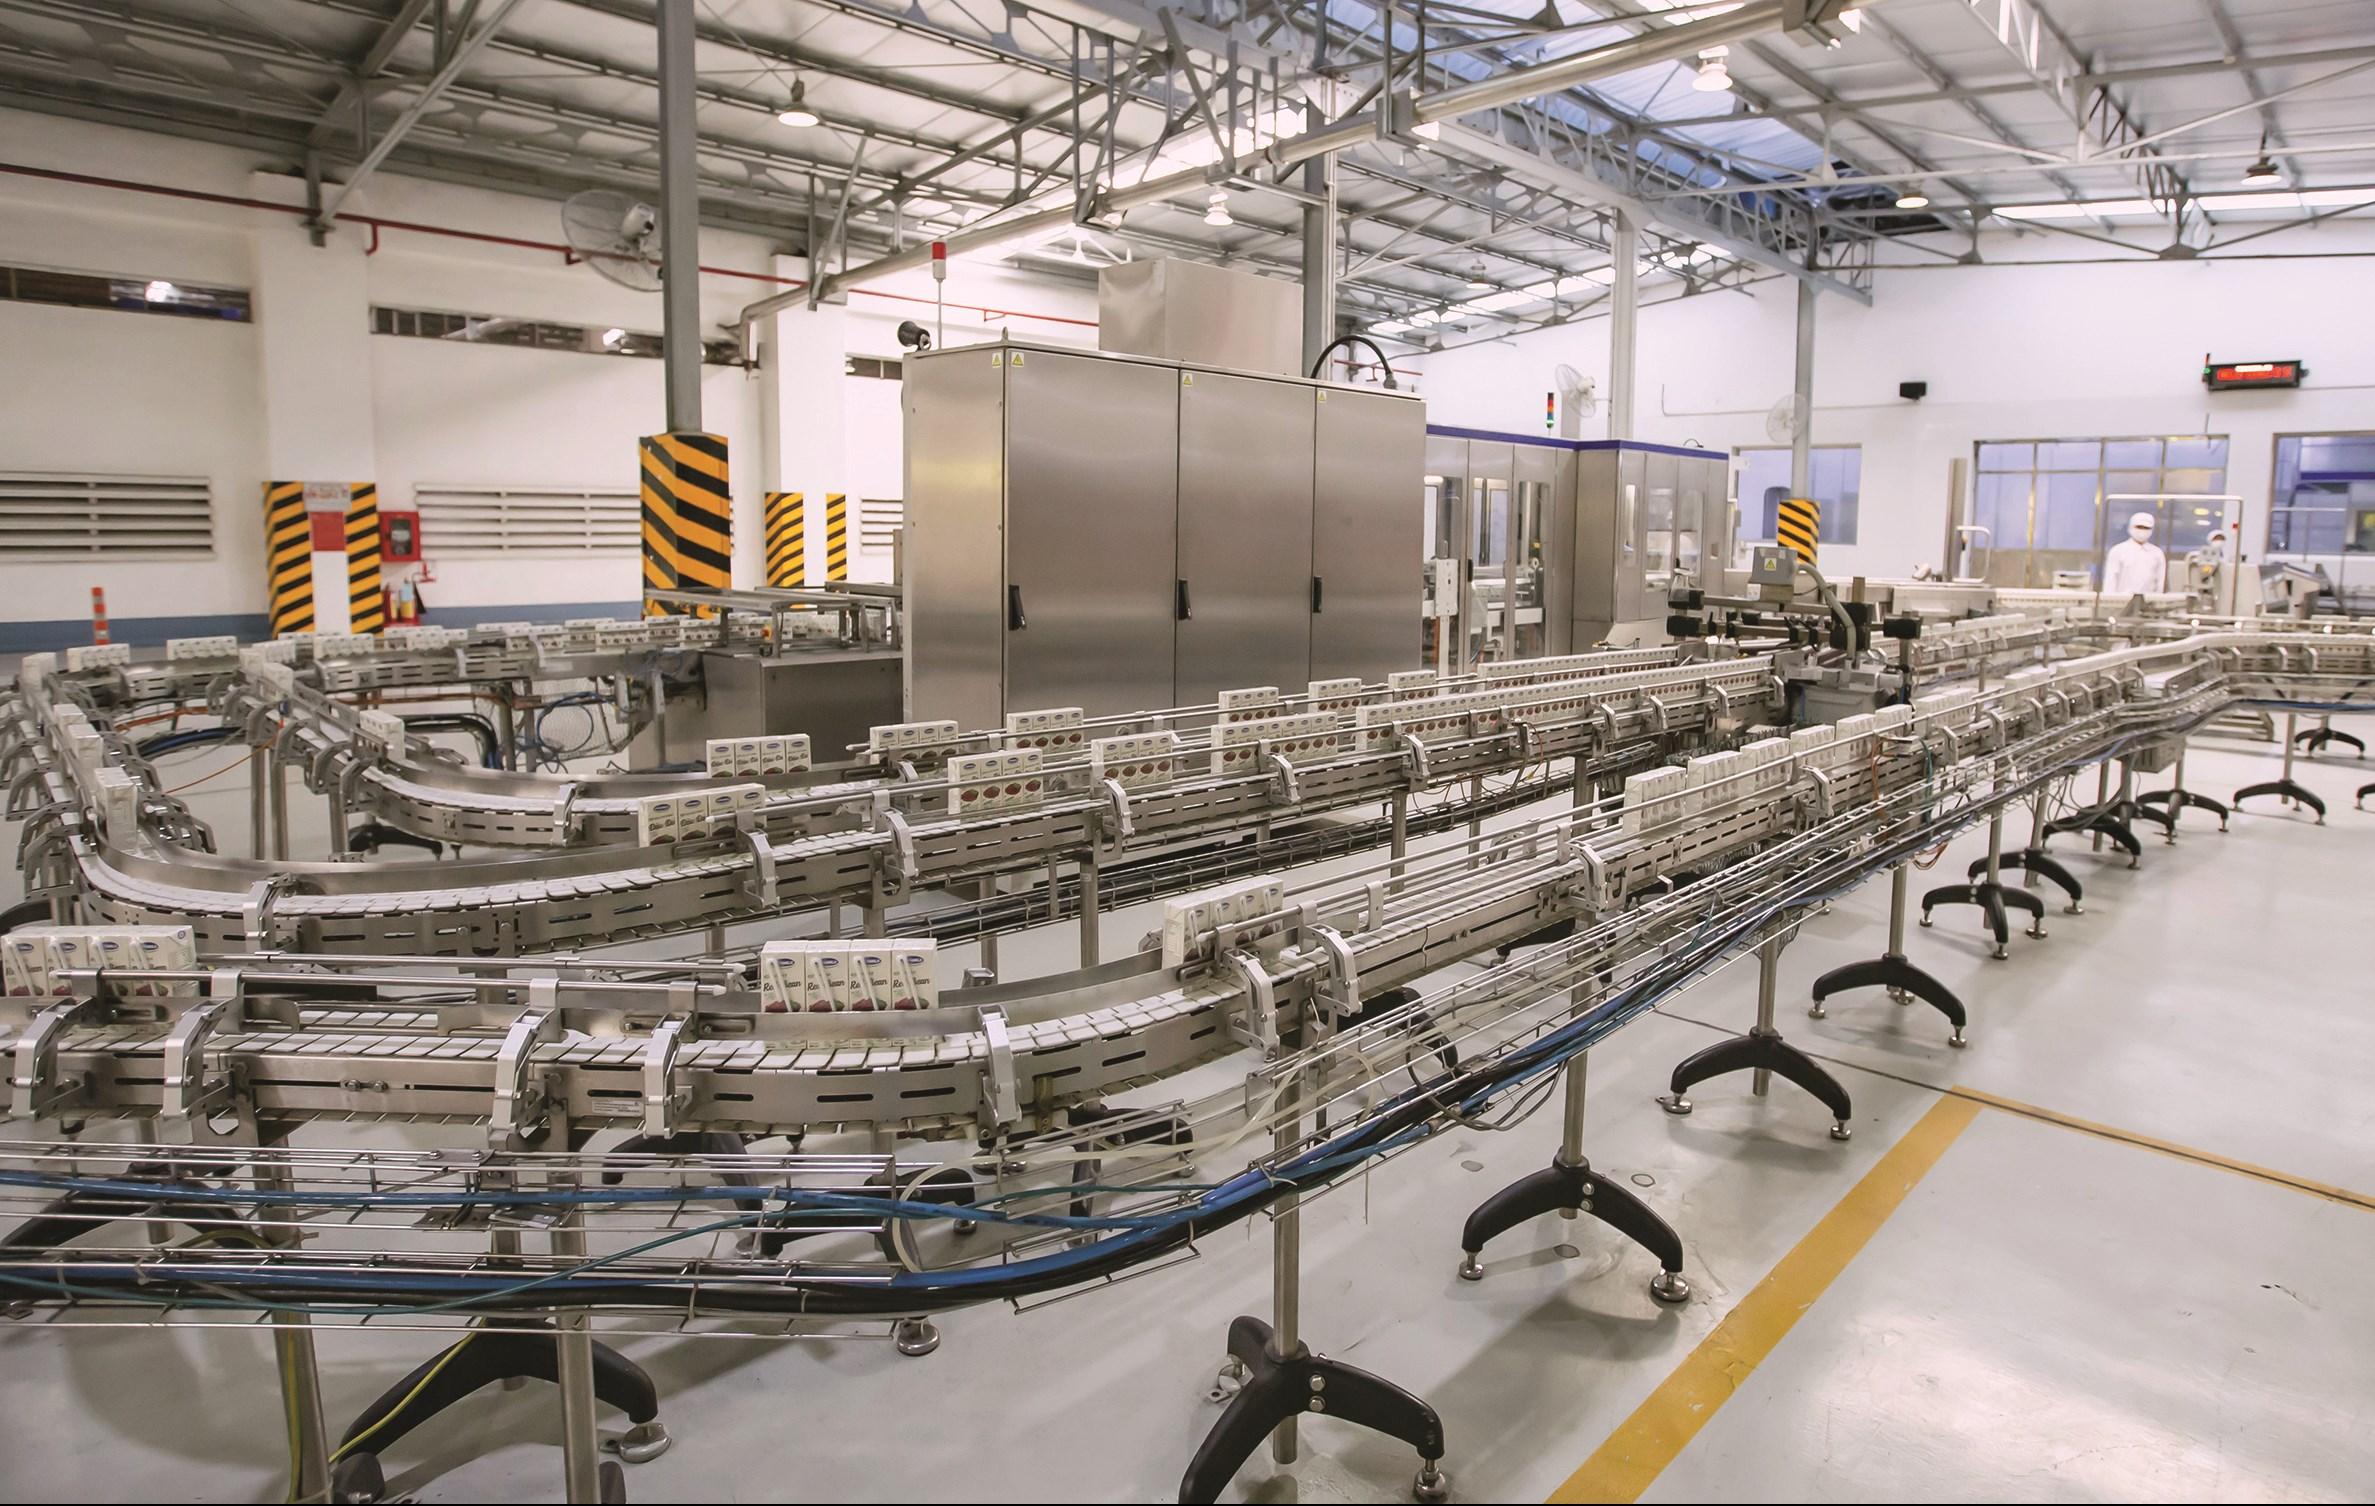 Dây chuyền sản xuất sản phẩm sữa đậu nành hạt hiện đại của nhà máy Vinamilk